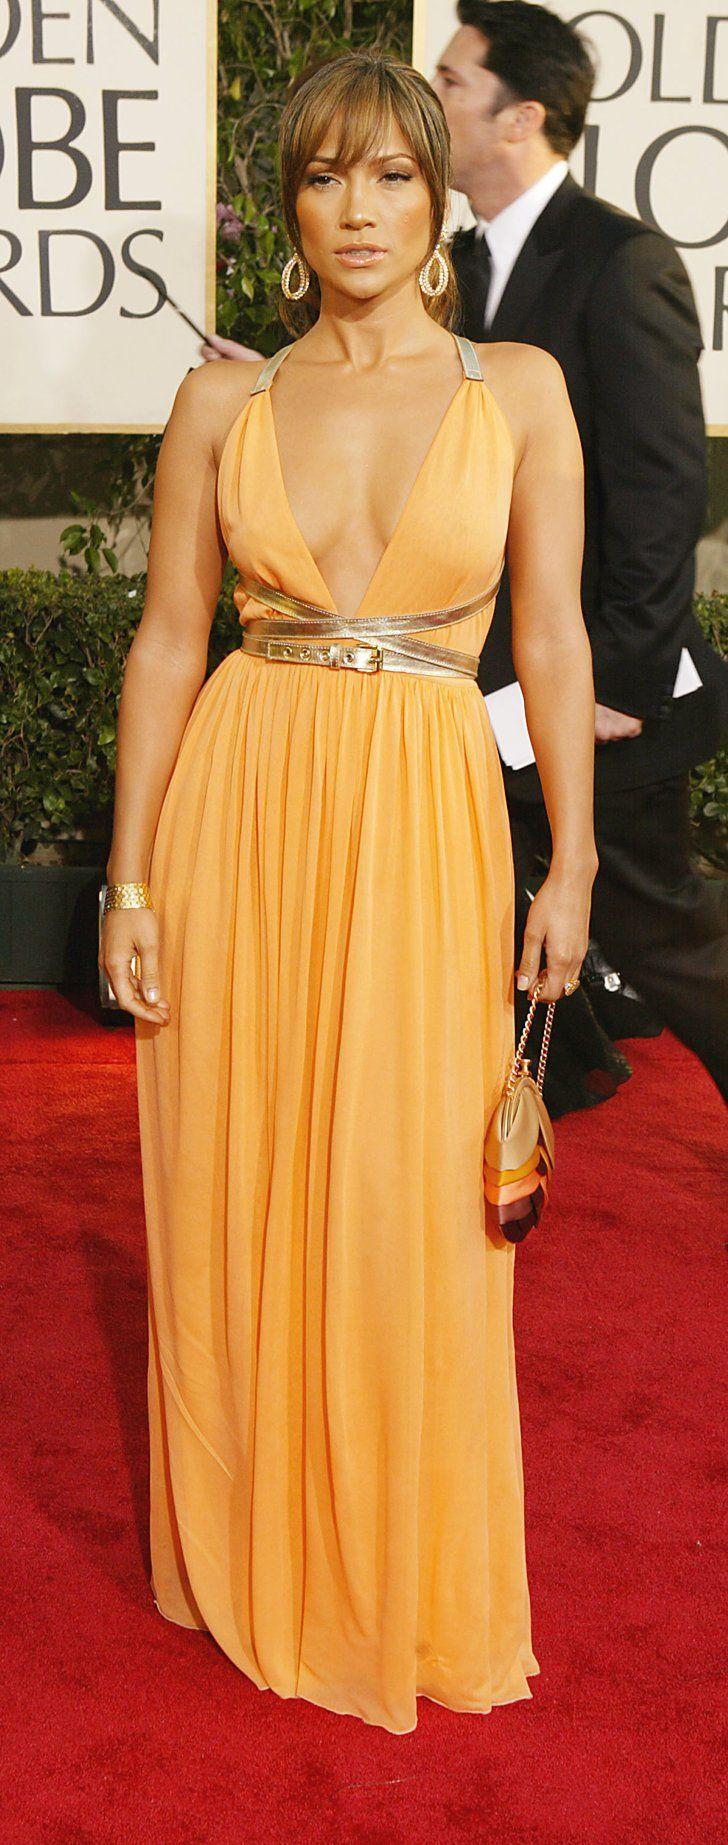 Pin for Later: Les 65 Tenues les Plus Glamour Jamais Vues aux Golden Globes Jennifer Lopez, 2004 Portant une robe signée Michael Kors.